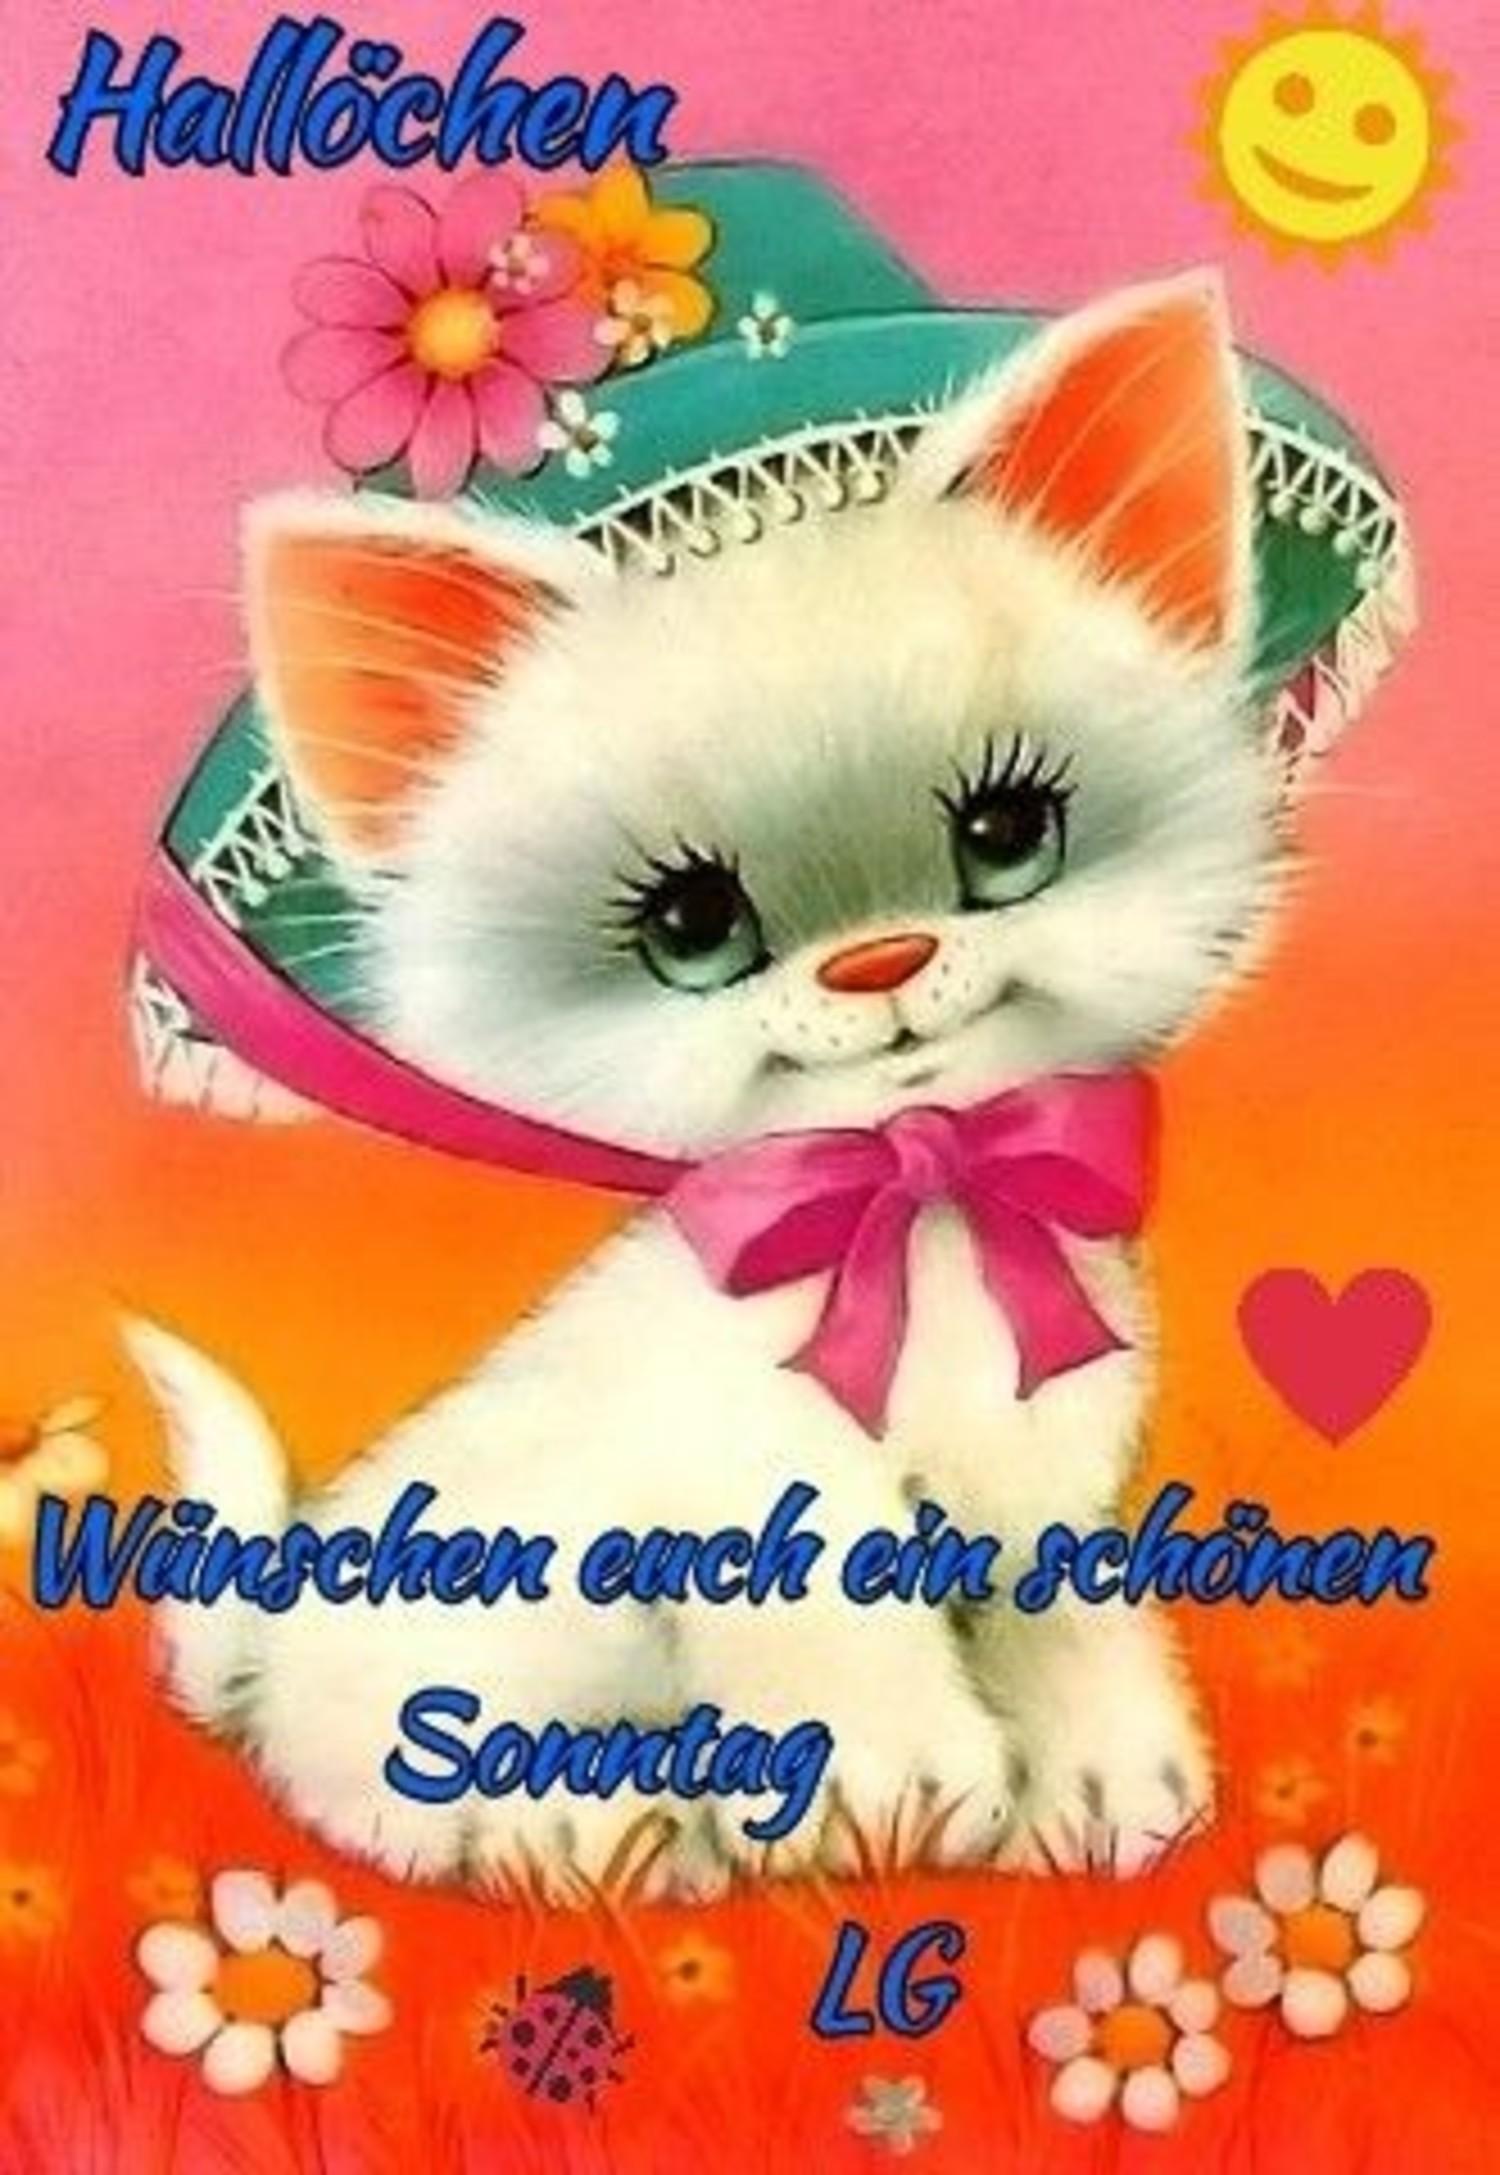 Sonntag whatsapp schönen Whatsapp schönen